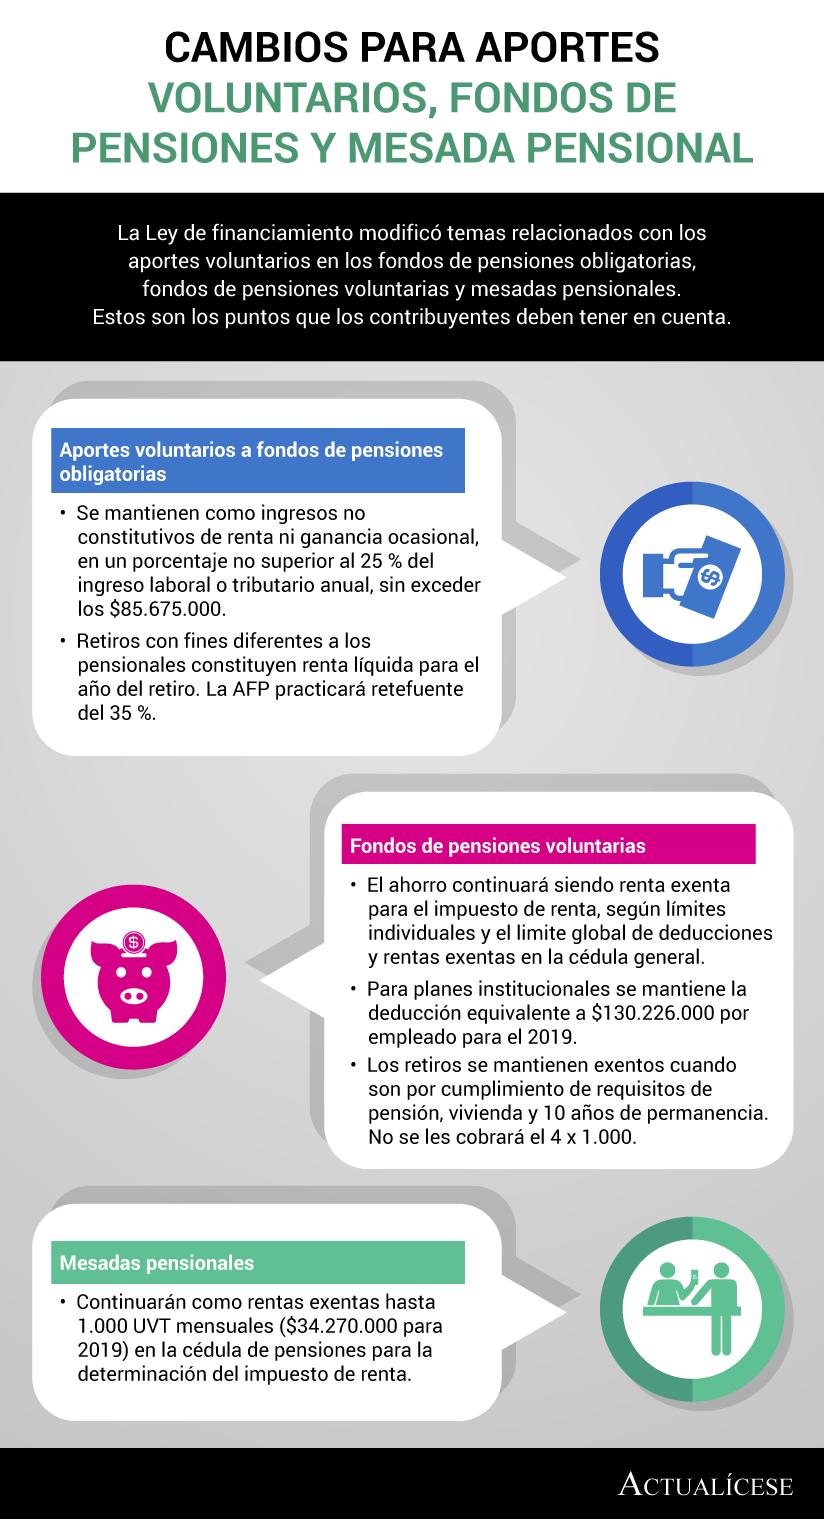 [Infografía] Cambios para aportes voluntarios, fondos de pensiones y mesada pensional